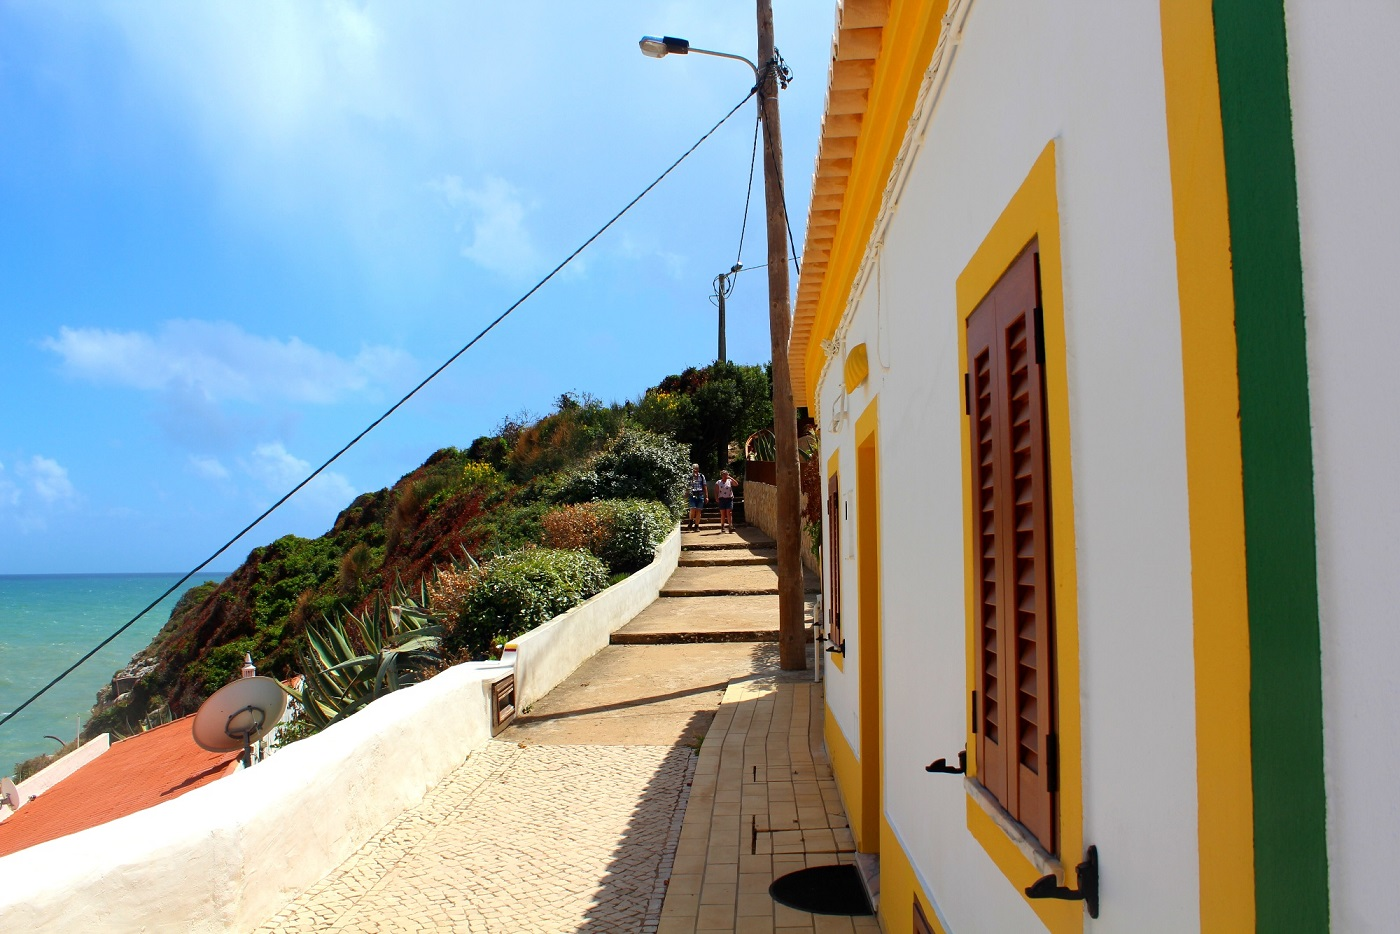 Algarve_Praia_de_Benagil_berg_von_oben[1]